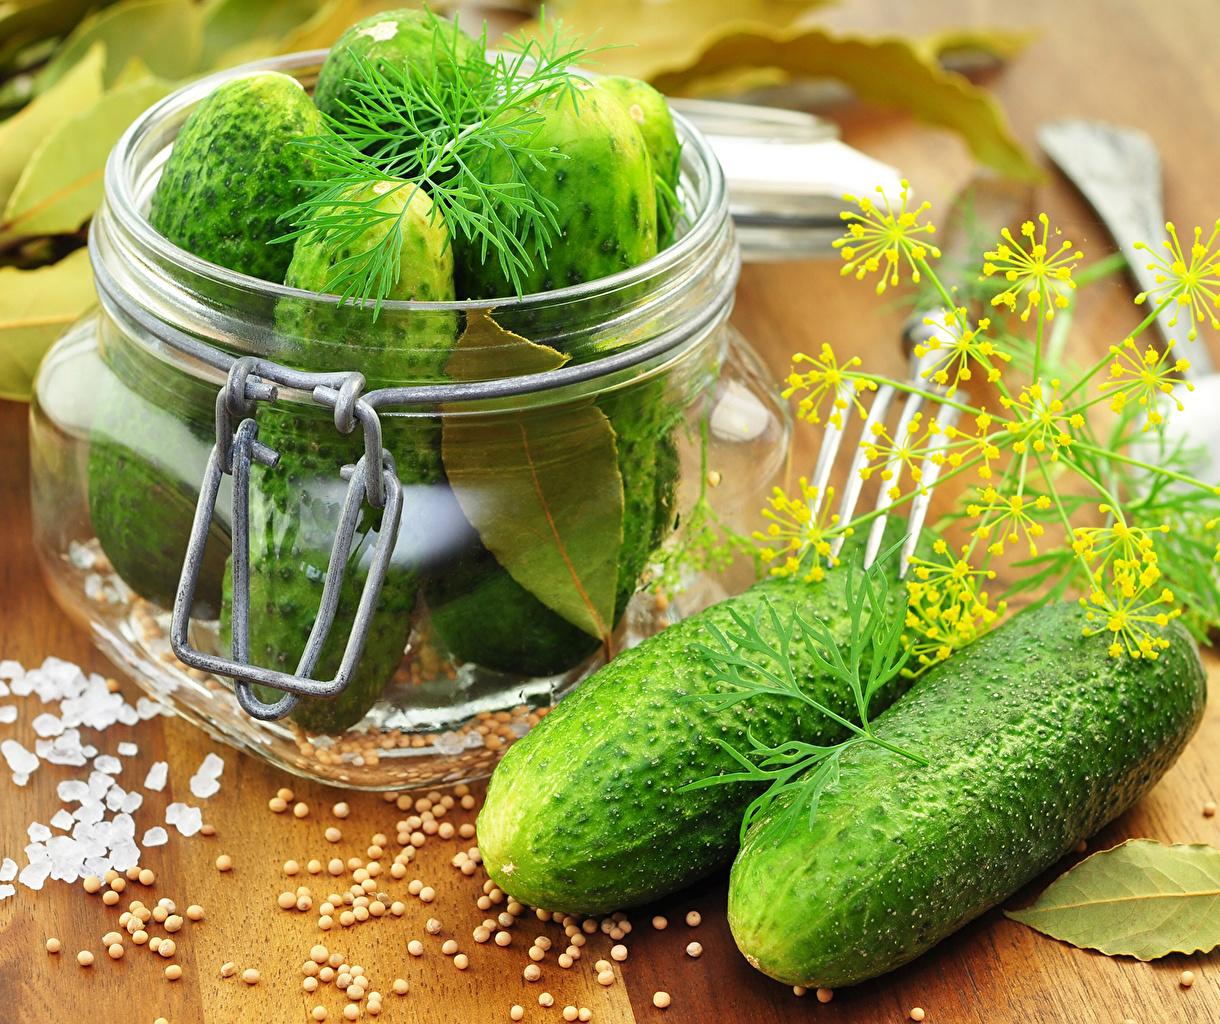 Фото Огурцы Укроп Банка Еда Овощи банке банки Пища Продукты питания